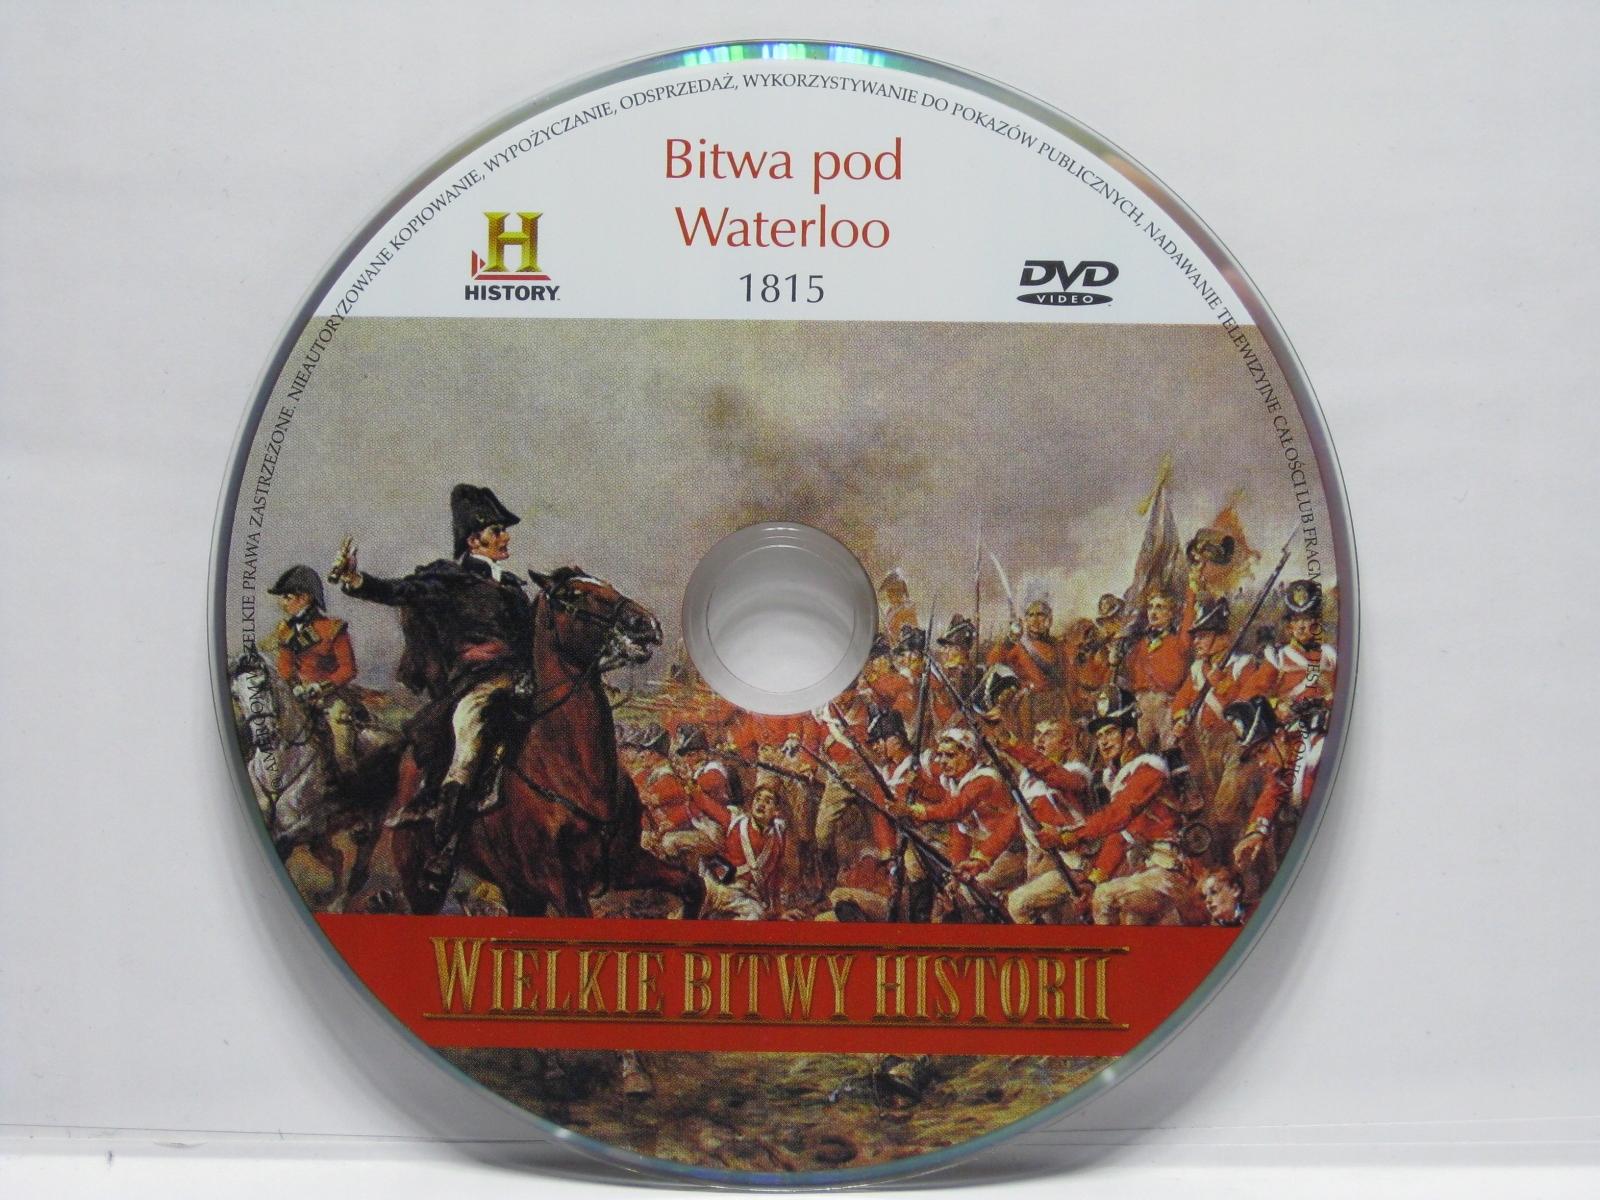 Wielkie bitwy historii - Bitwa pod Waterloo